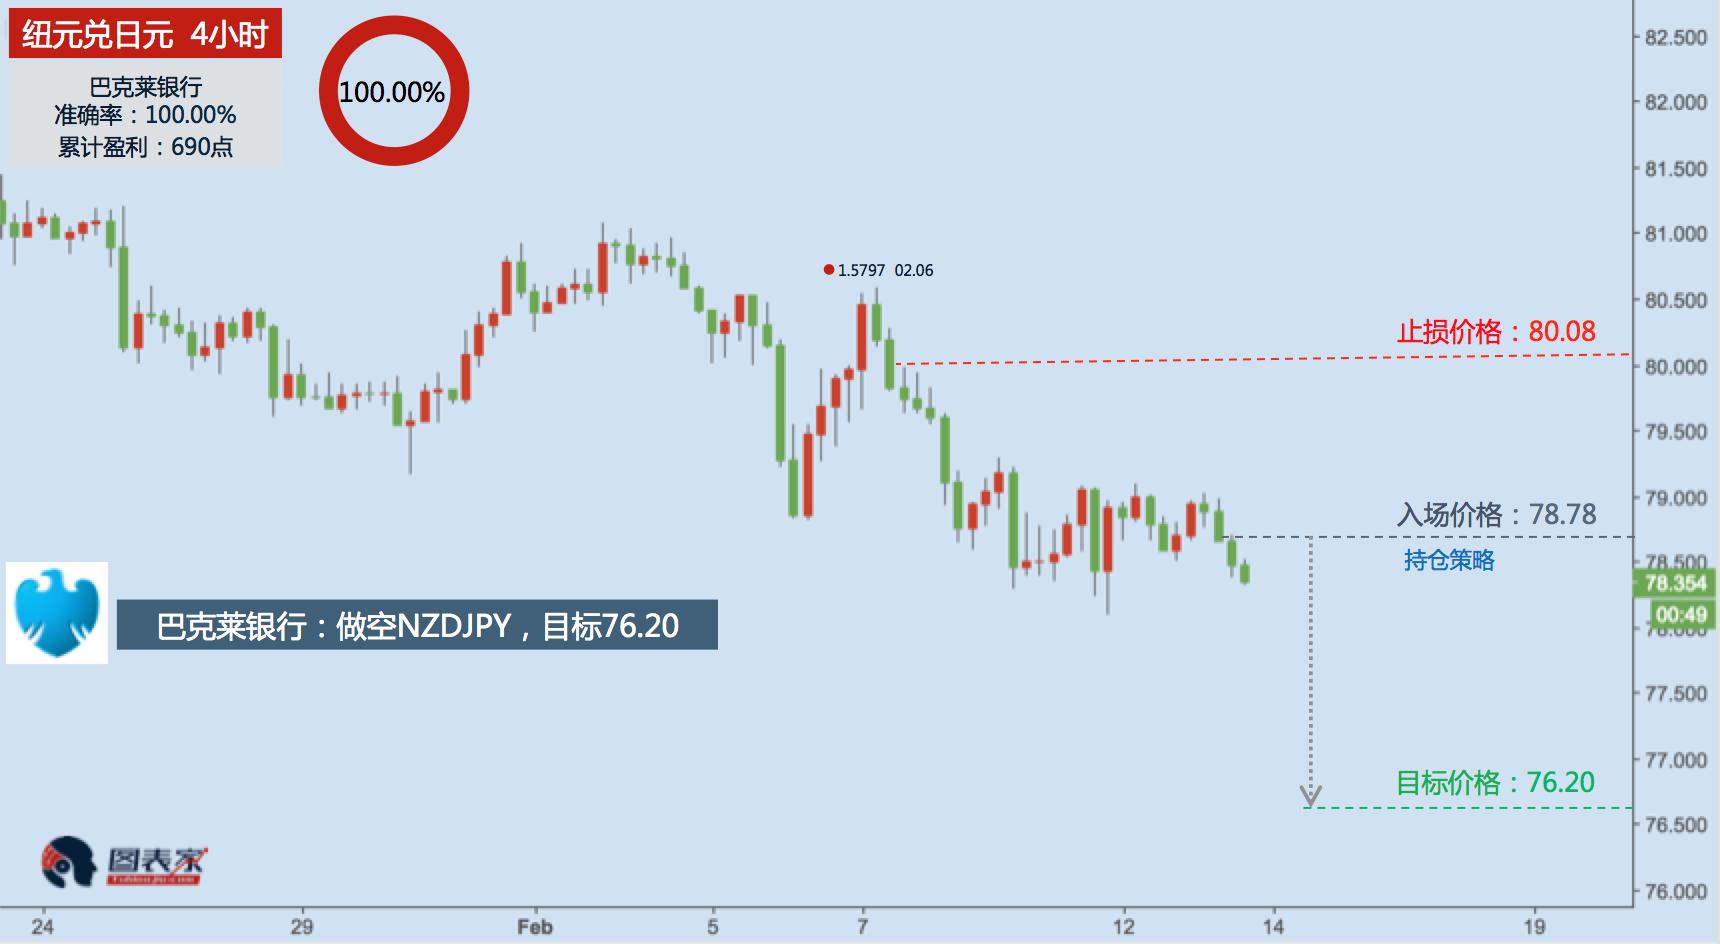 投行策略:做空NZDJPY,目标76.20-图表家